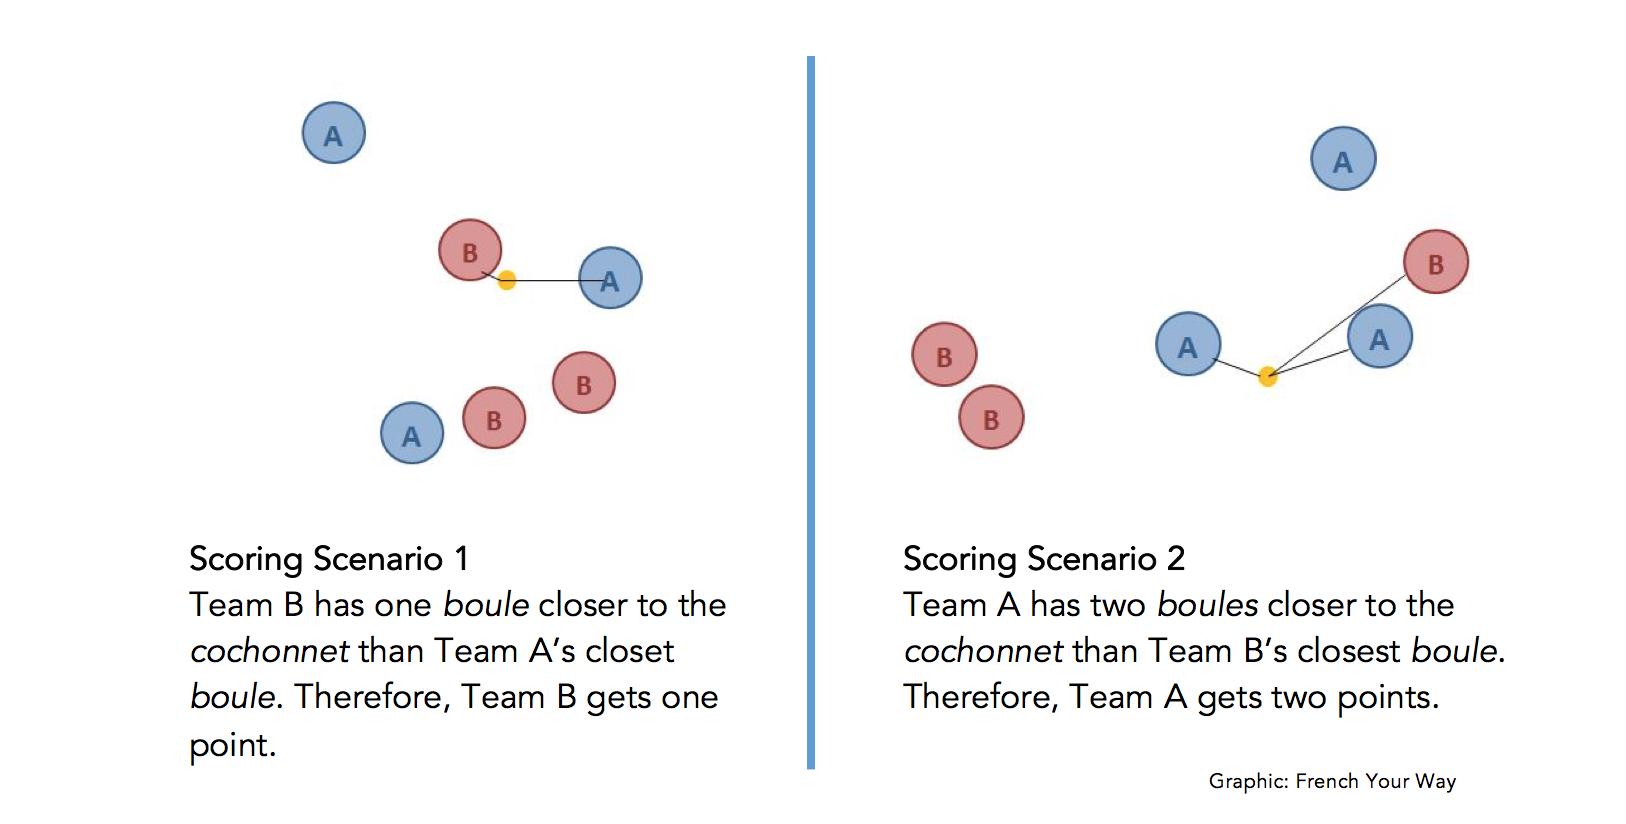 petanque scoring